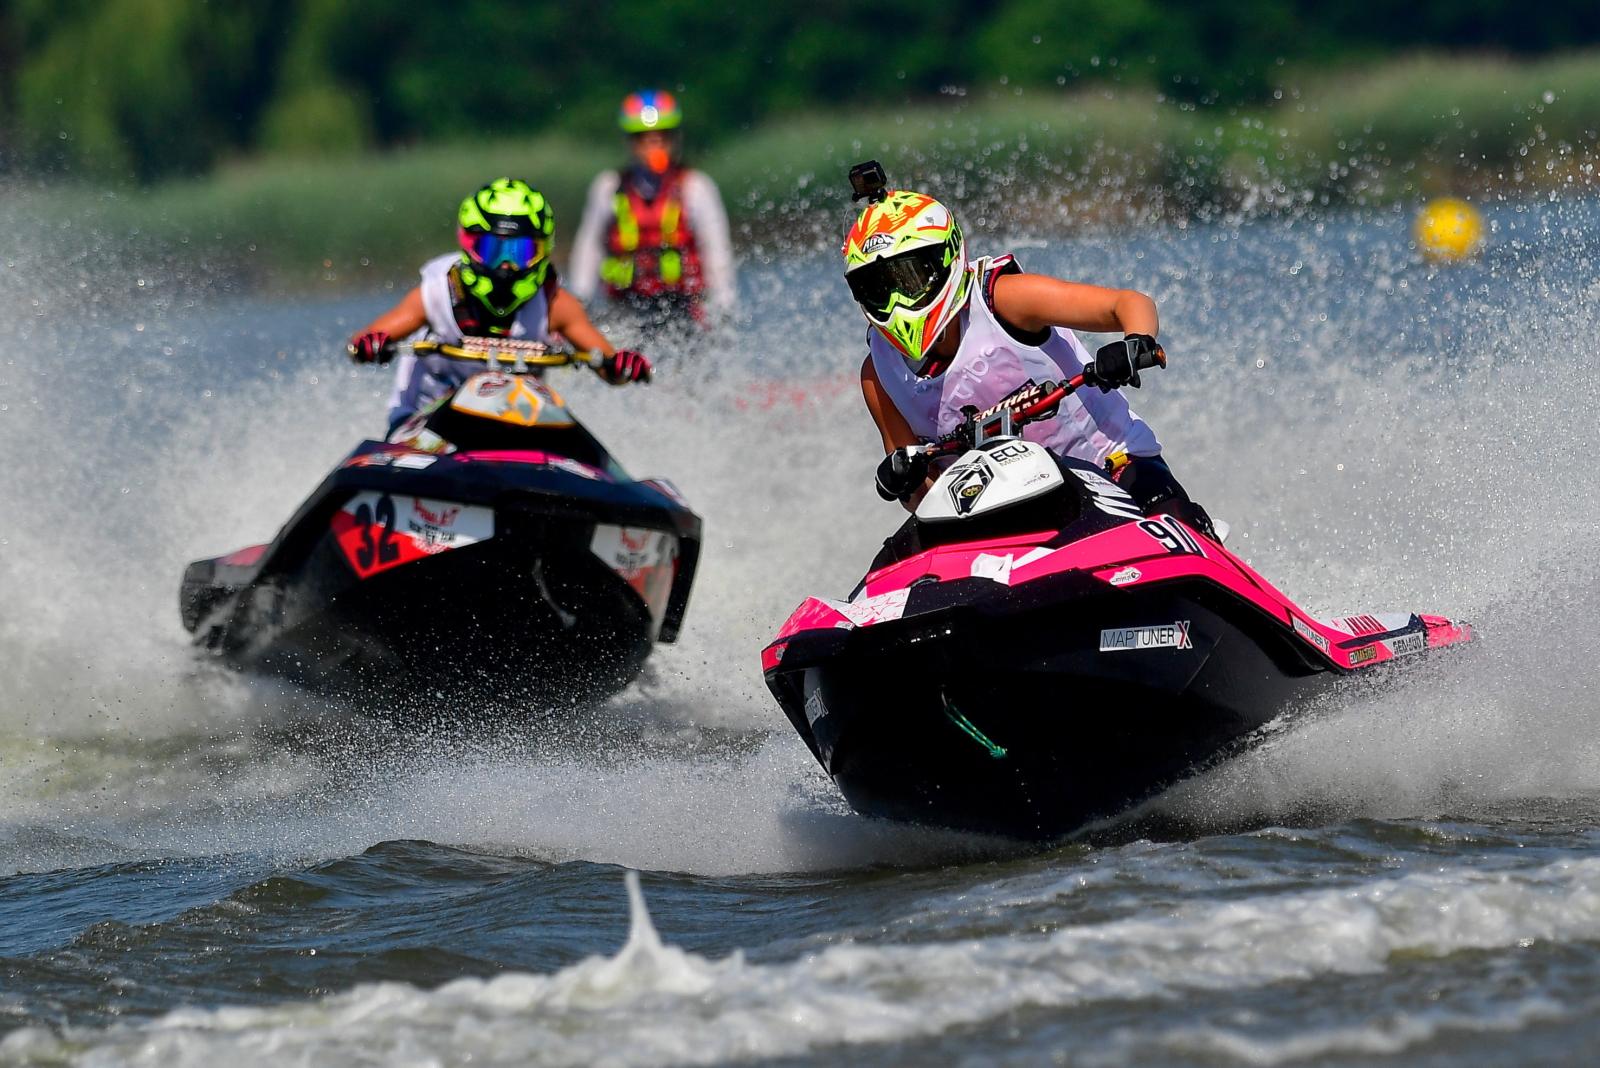 Na Węgrzech odbywają się Mistrzostwa Europy w aquabike. Fot. PAP/EPA/Zsolt Czegledi